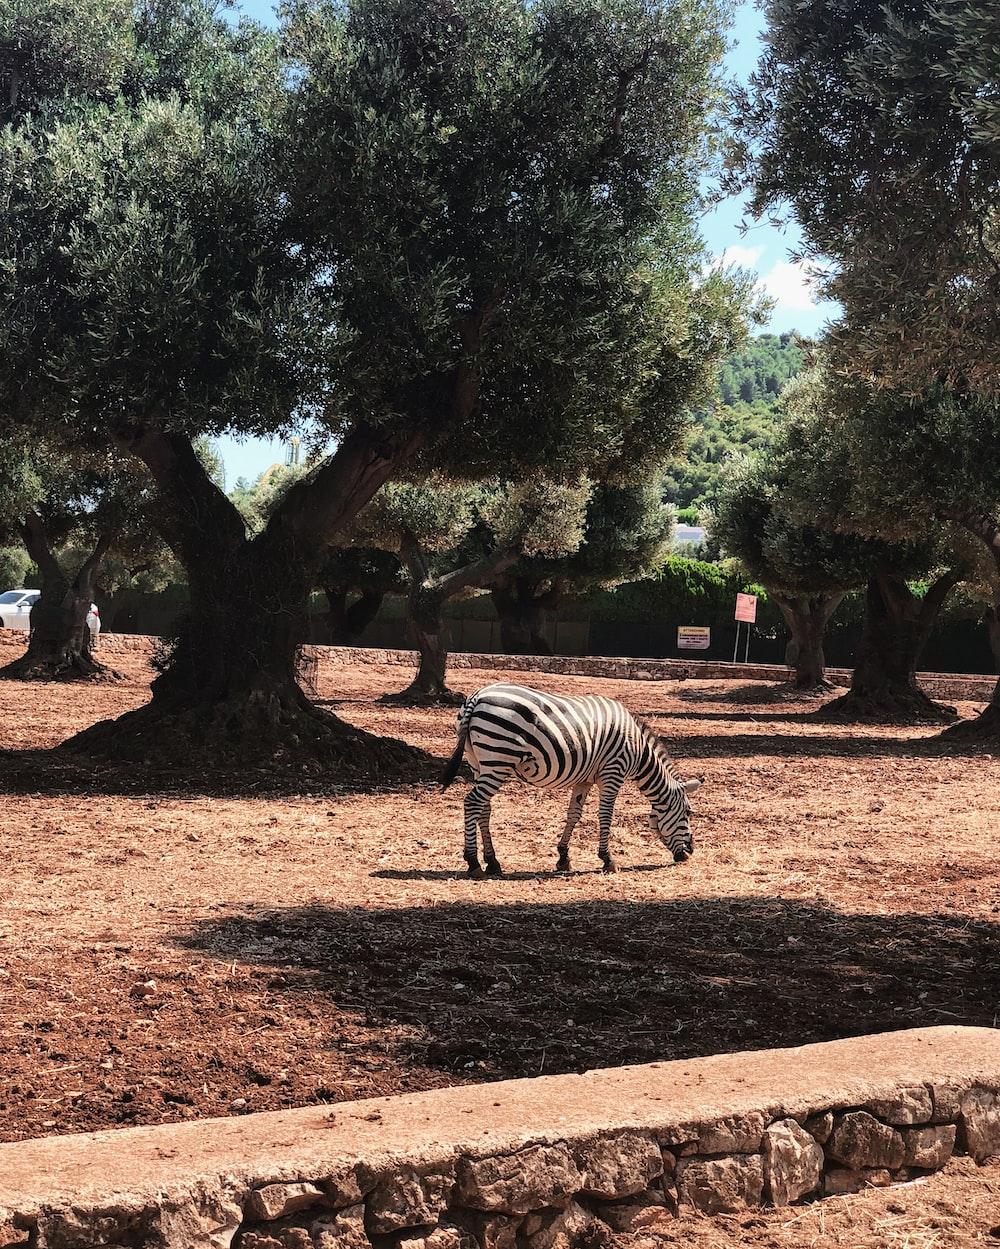 zebra standing on brown soil near green trees during daytime